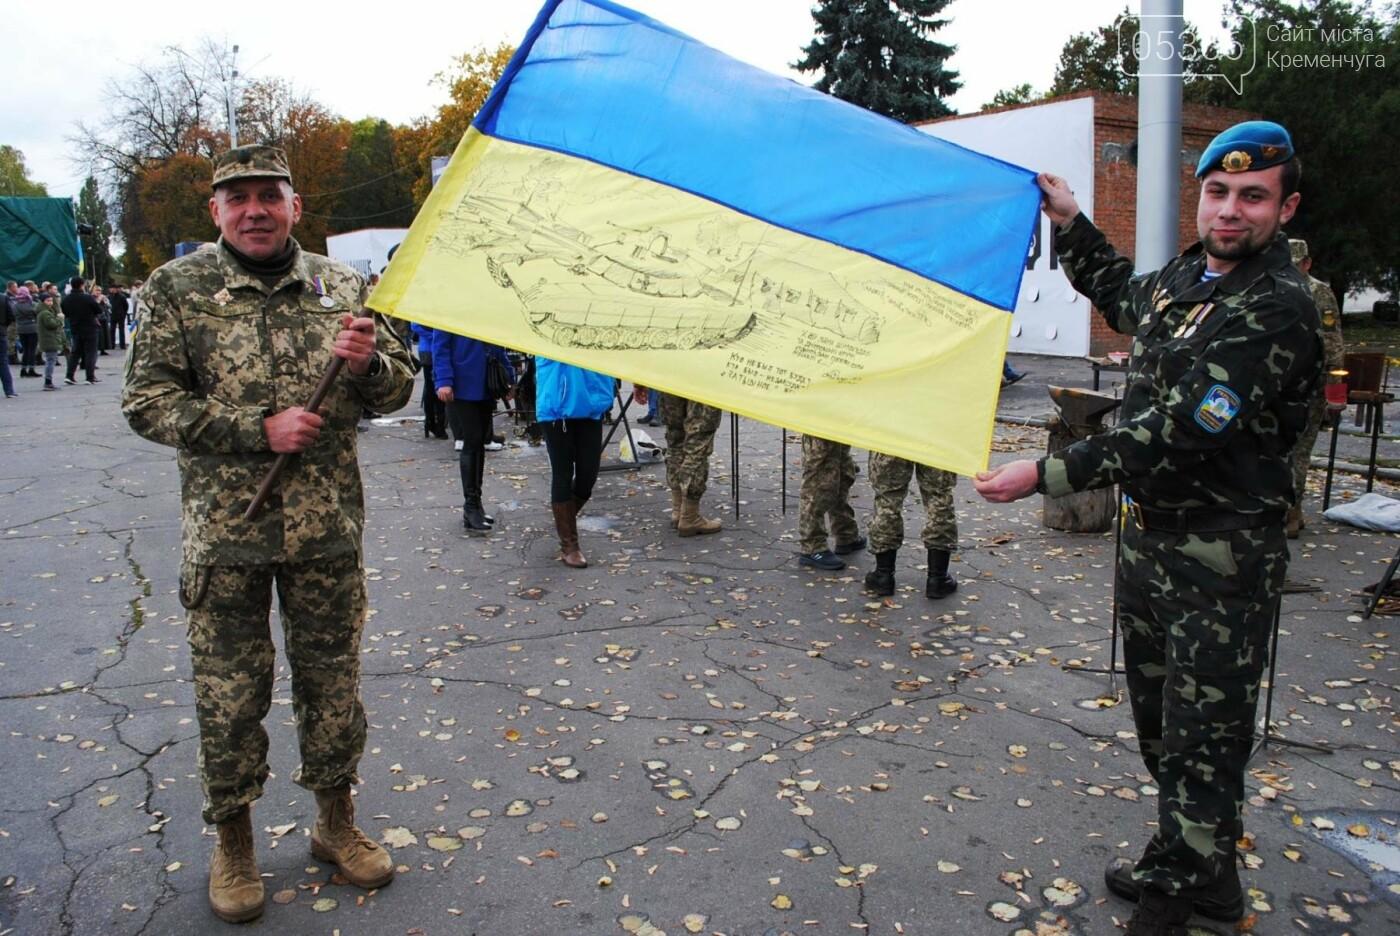 Кременчуг празднует День защитника Украины (фоторепортаж), фото-12